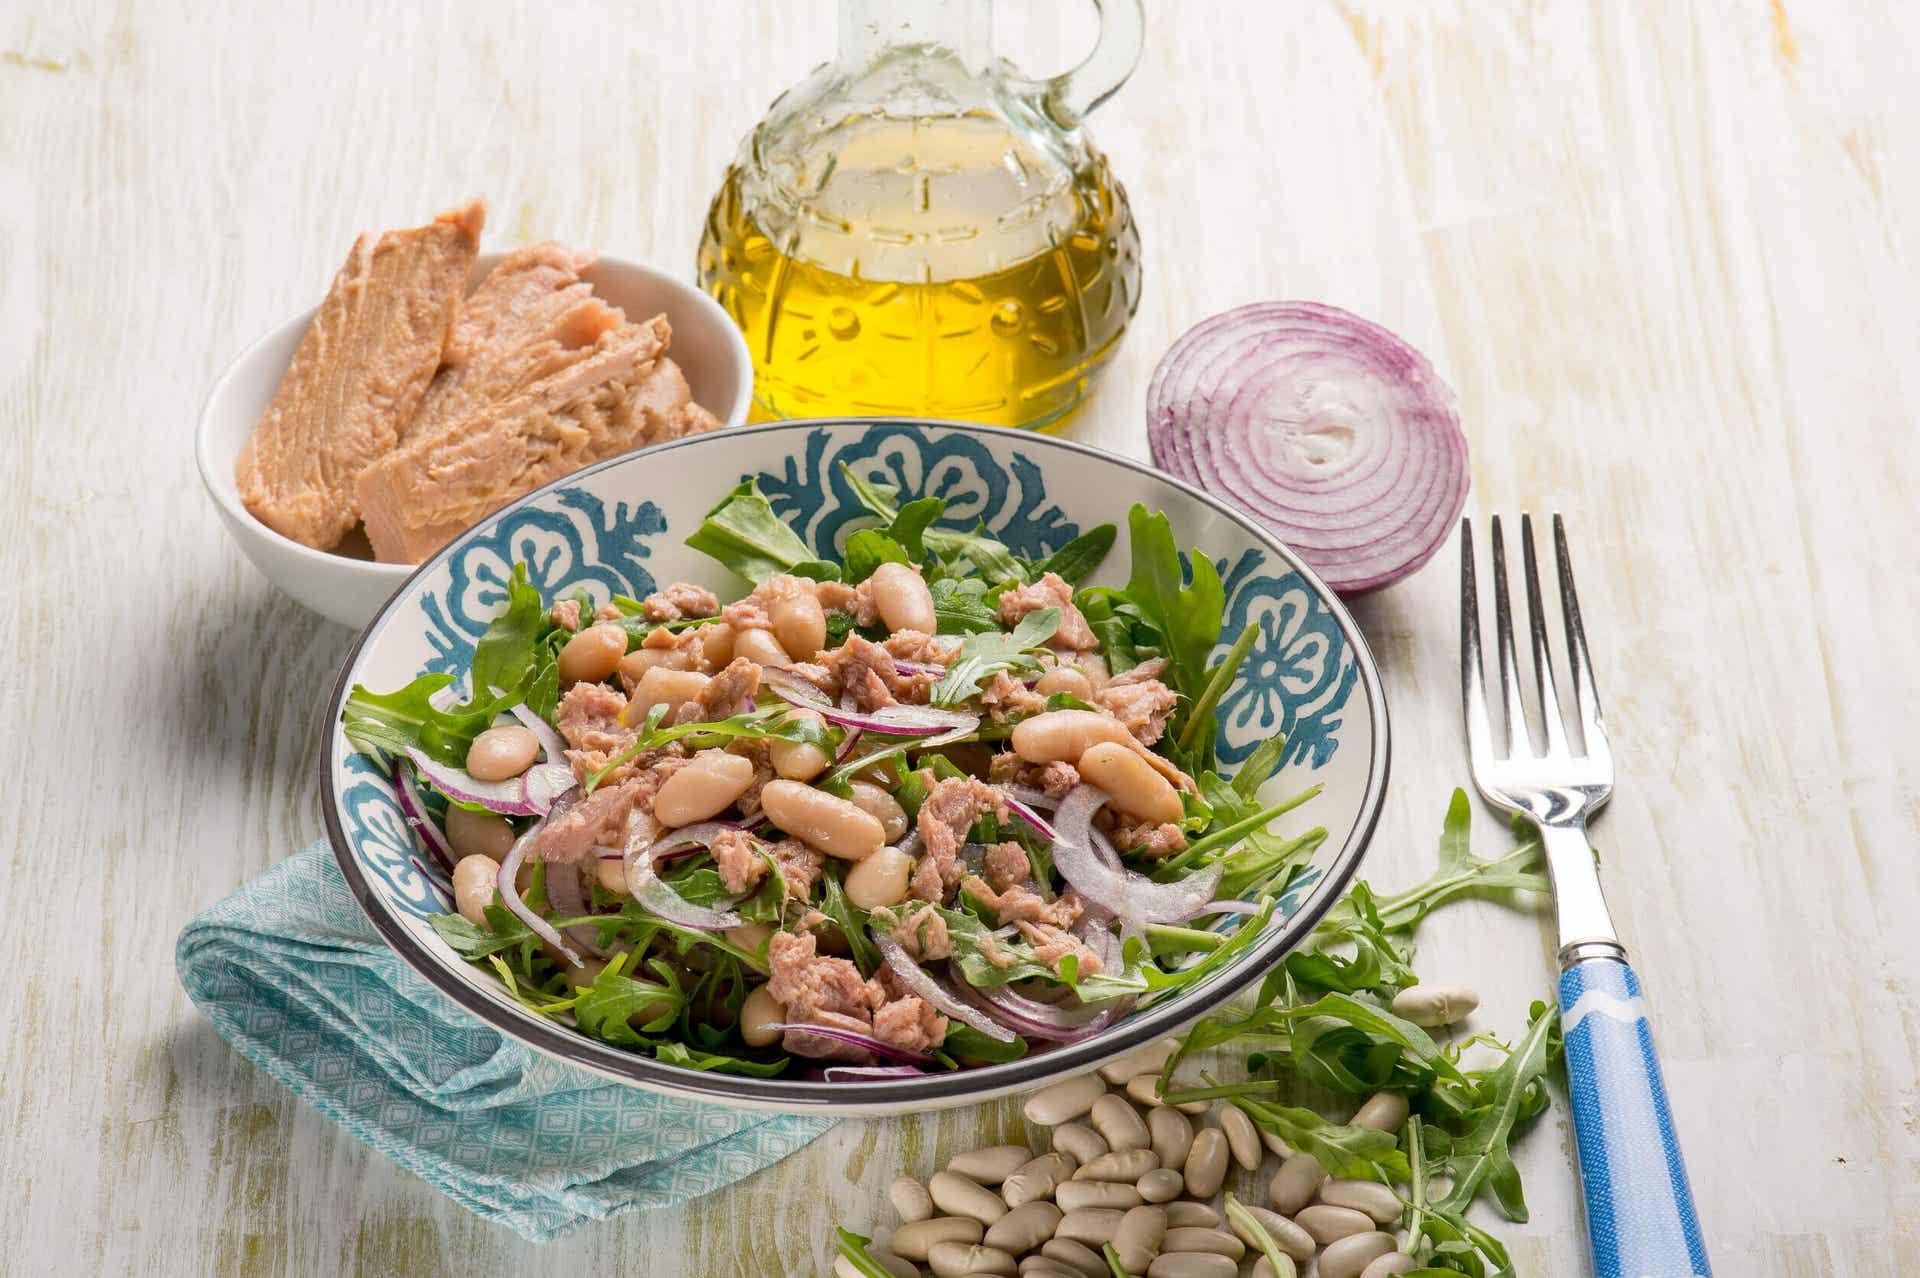 La ensalada de atún es una buena fuente de vitamina b12.